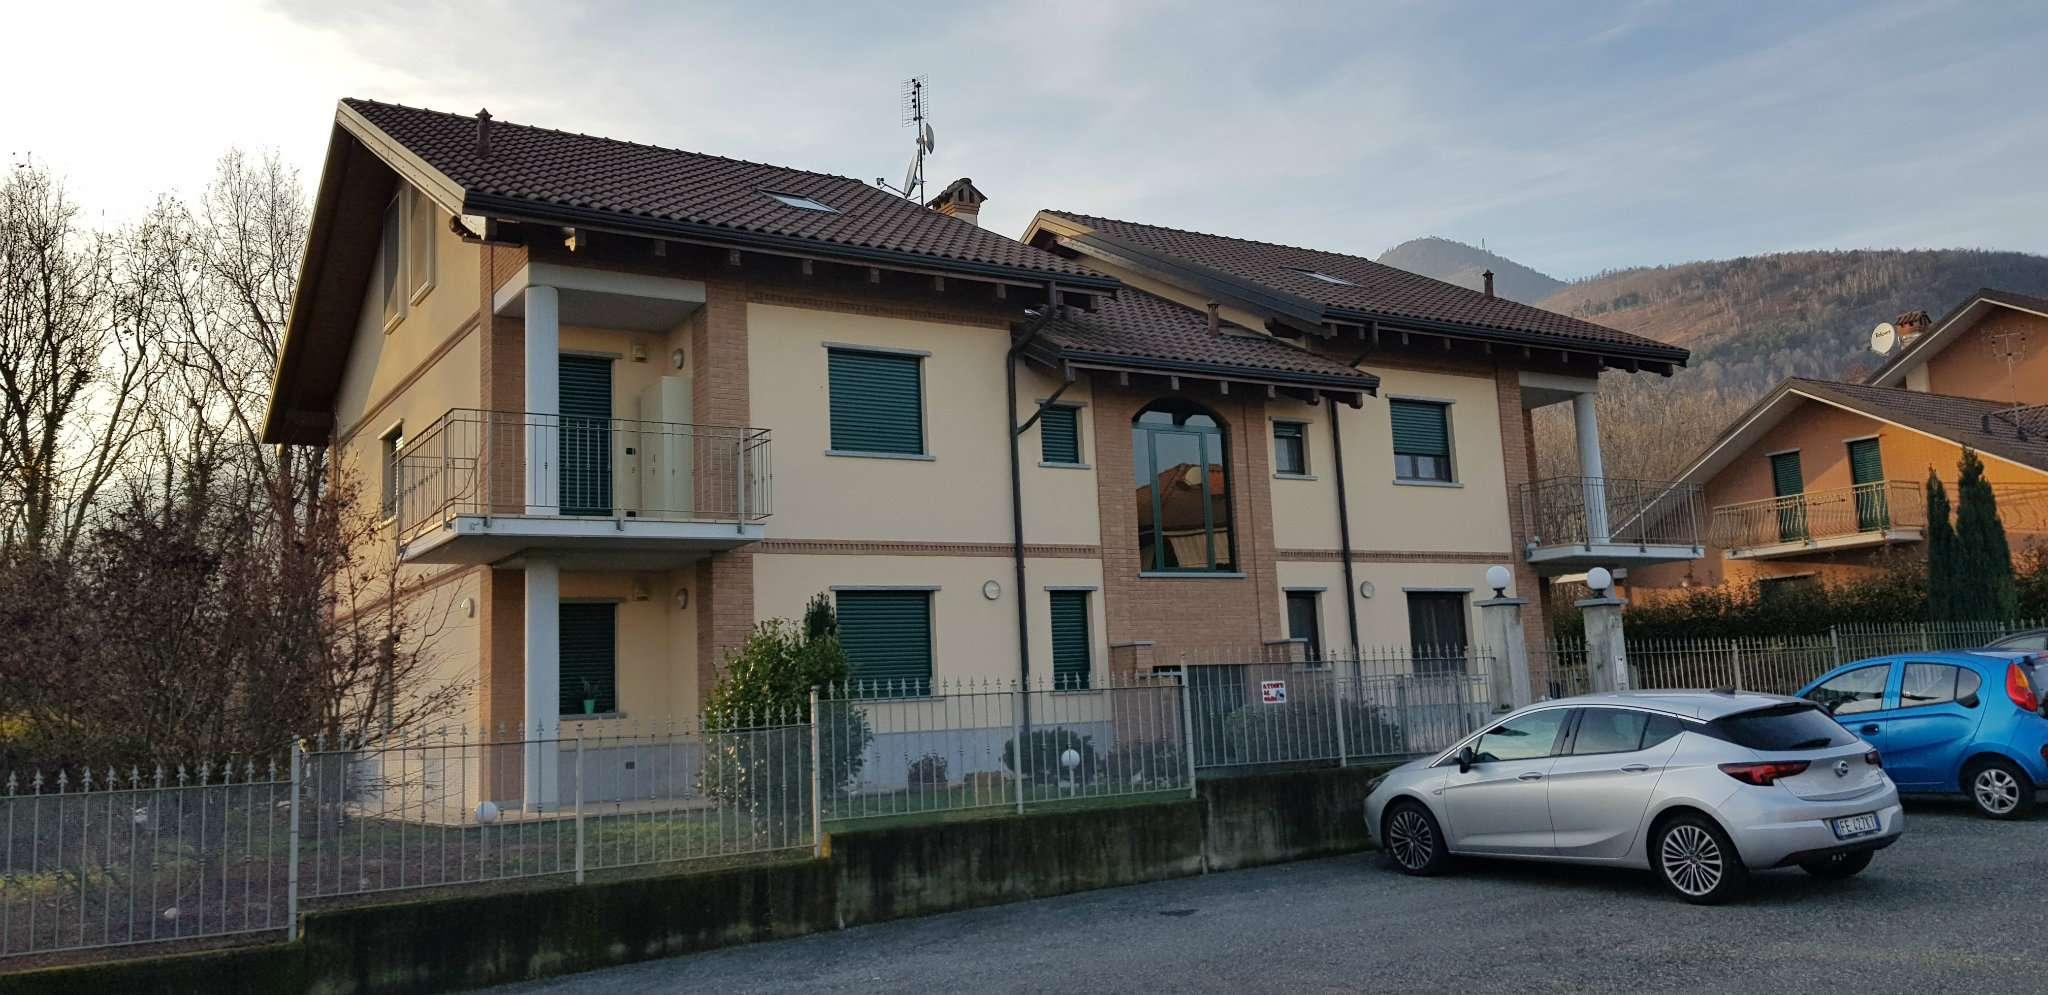 Appartamento in vendita a La Cassa, 6 locali, prezzo € 260.000 | PortaleAgenzieImmobiliari.it